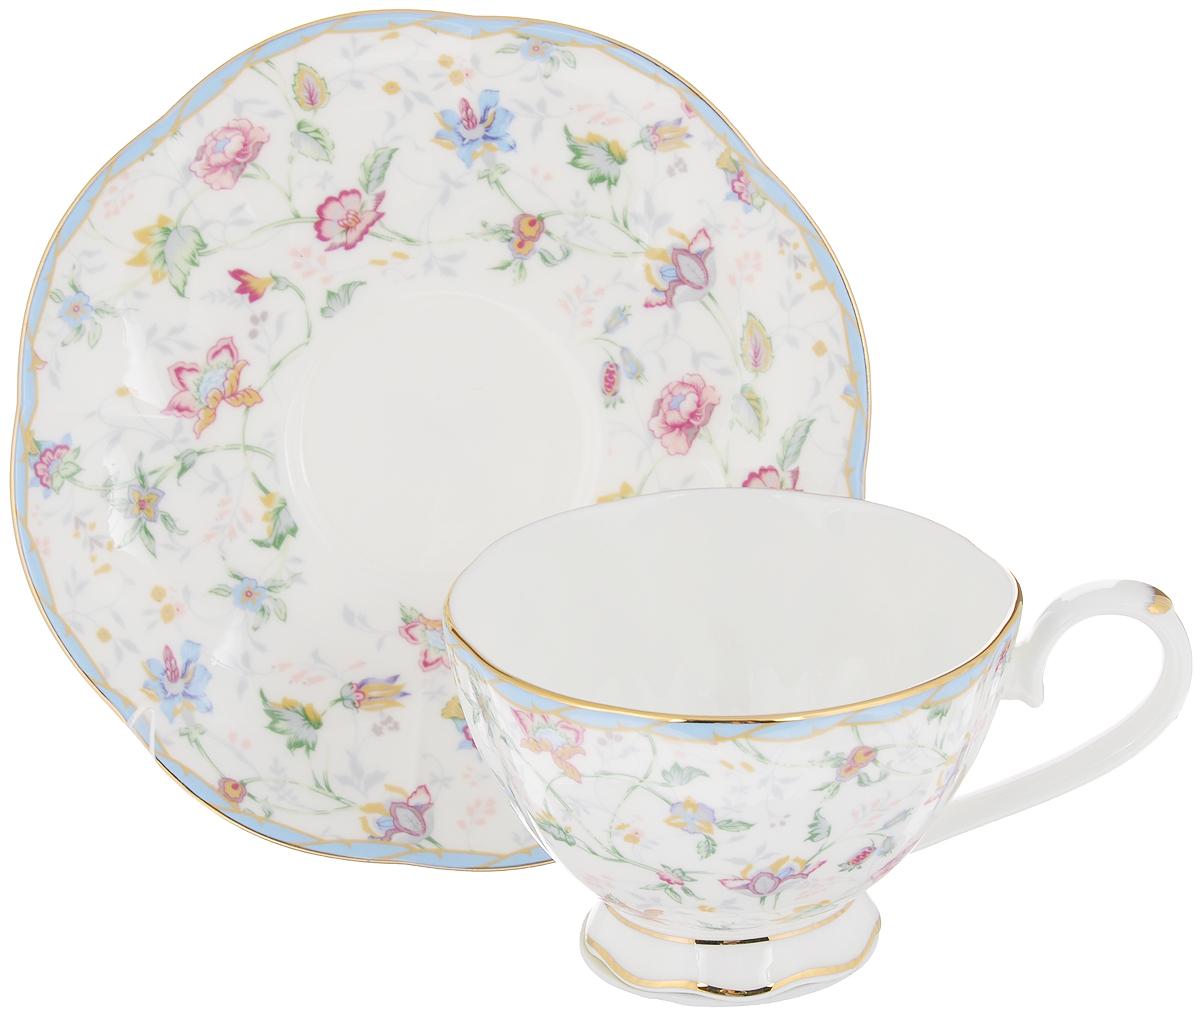 Чайная пара Цветочный каприз, 2 предмета530042Чайная пара Elan Gallery Цветочный каприз состоит из чашки и блюдца,изготовленных из керамики высшего качества, отличающегося необыкновеннойпрочностью и небольшим весом. Яркий дизайн, несомненно, придется вам повкусу. Чайная пара Elan Gallery Цветочный каприз украсит ваш кухонный стол, атакже станет замечательным подарком к любому празднику.Не рекомендуется применять абразивные моющие средства. Не использовать вмикроволновой печи. Объем чашки: 250 мл. Диаметр чашки (по верхнему краю): 10 см. Высота чашки: 6,5 см. Диаметр блюдца: 16 см. Высота блюдца: 2,2 см.